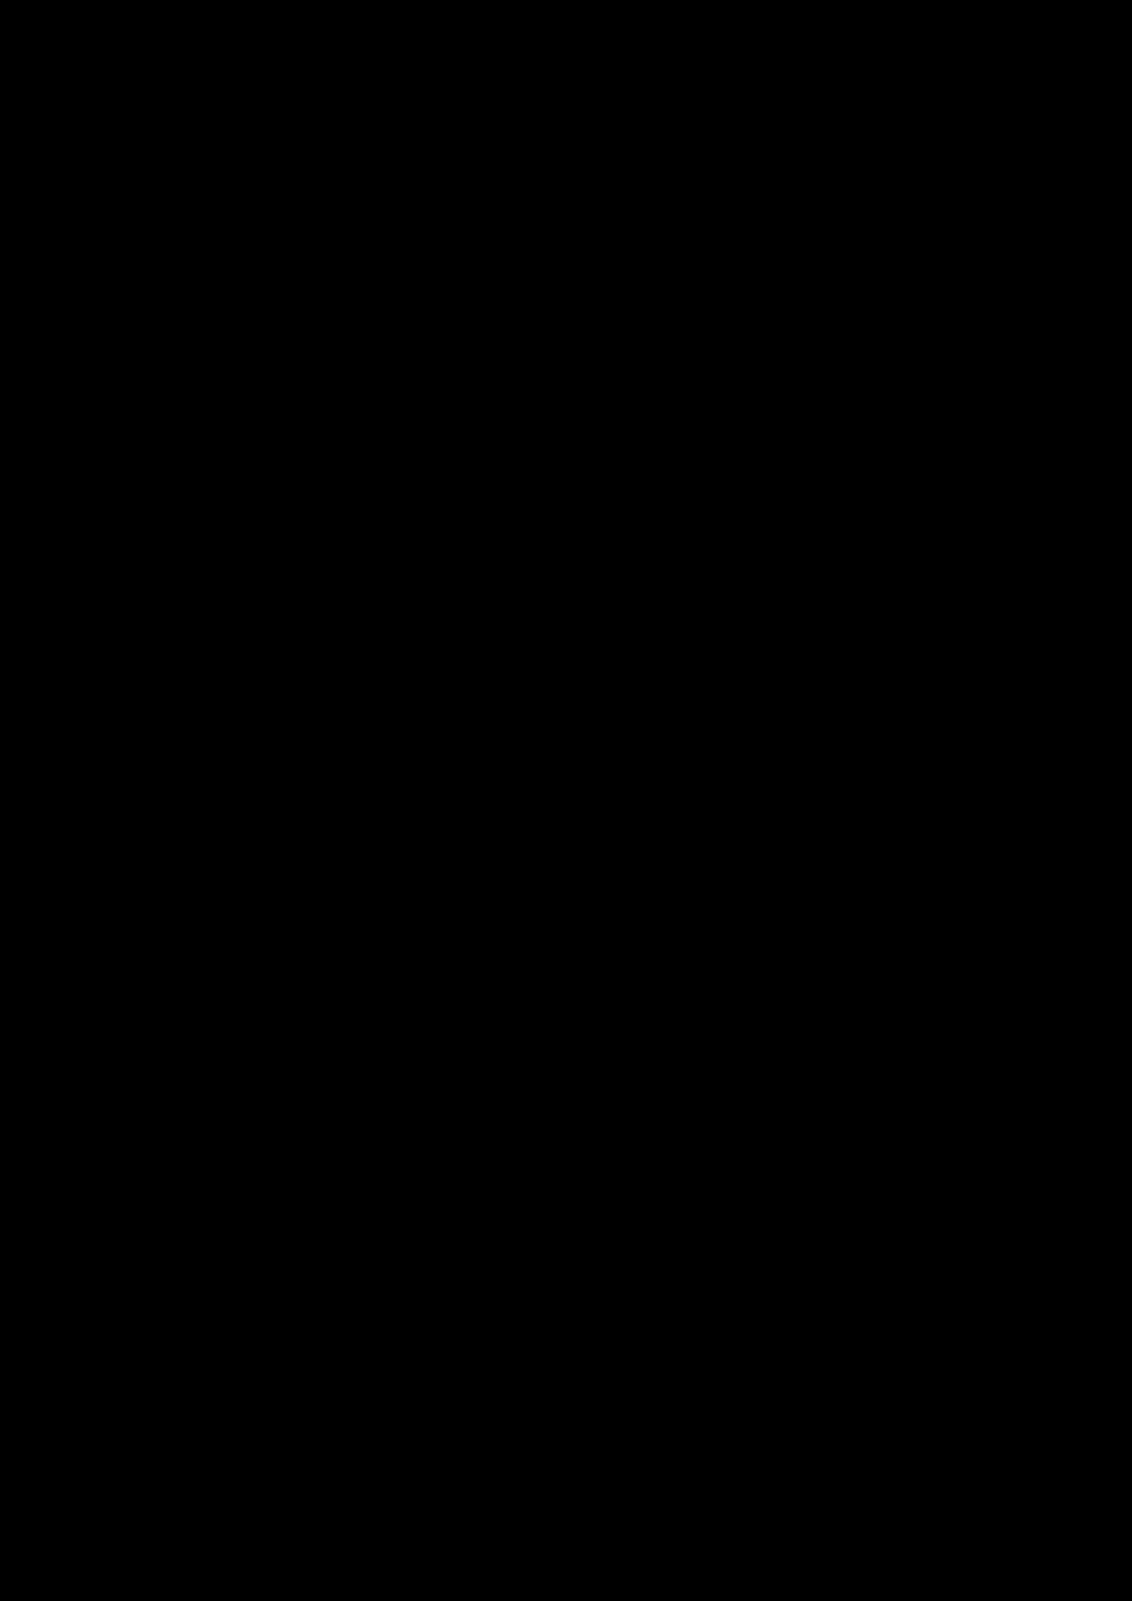 Zagadka volshebnoy stranyi slide, Image 152